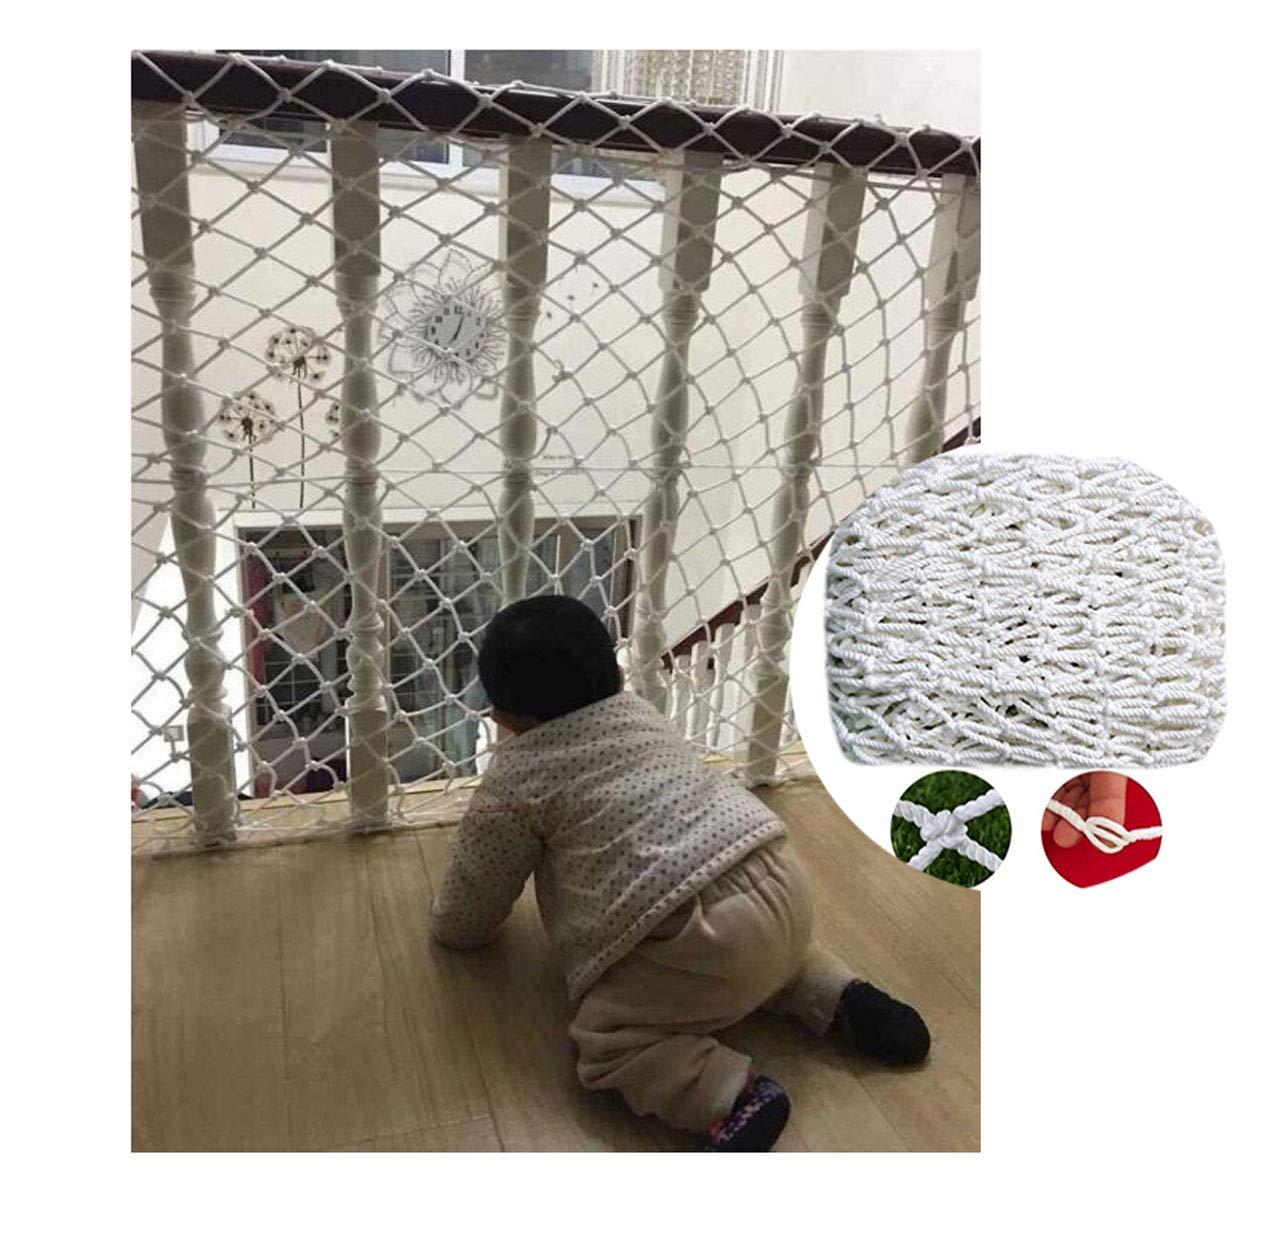 Red de seguridad blanca, red de cuerda de nylon, utilizada para la red de protección de